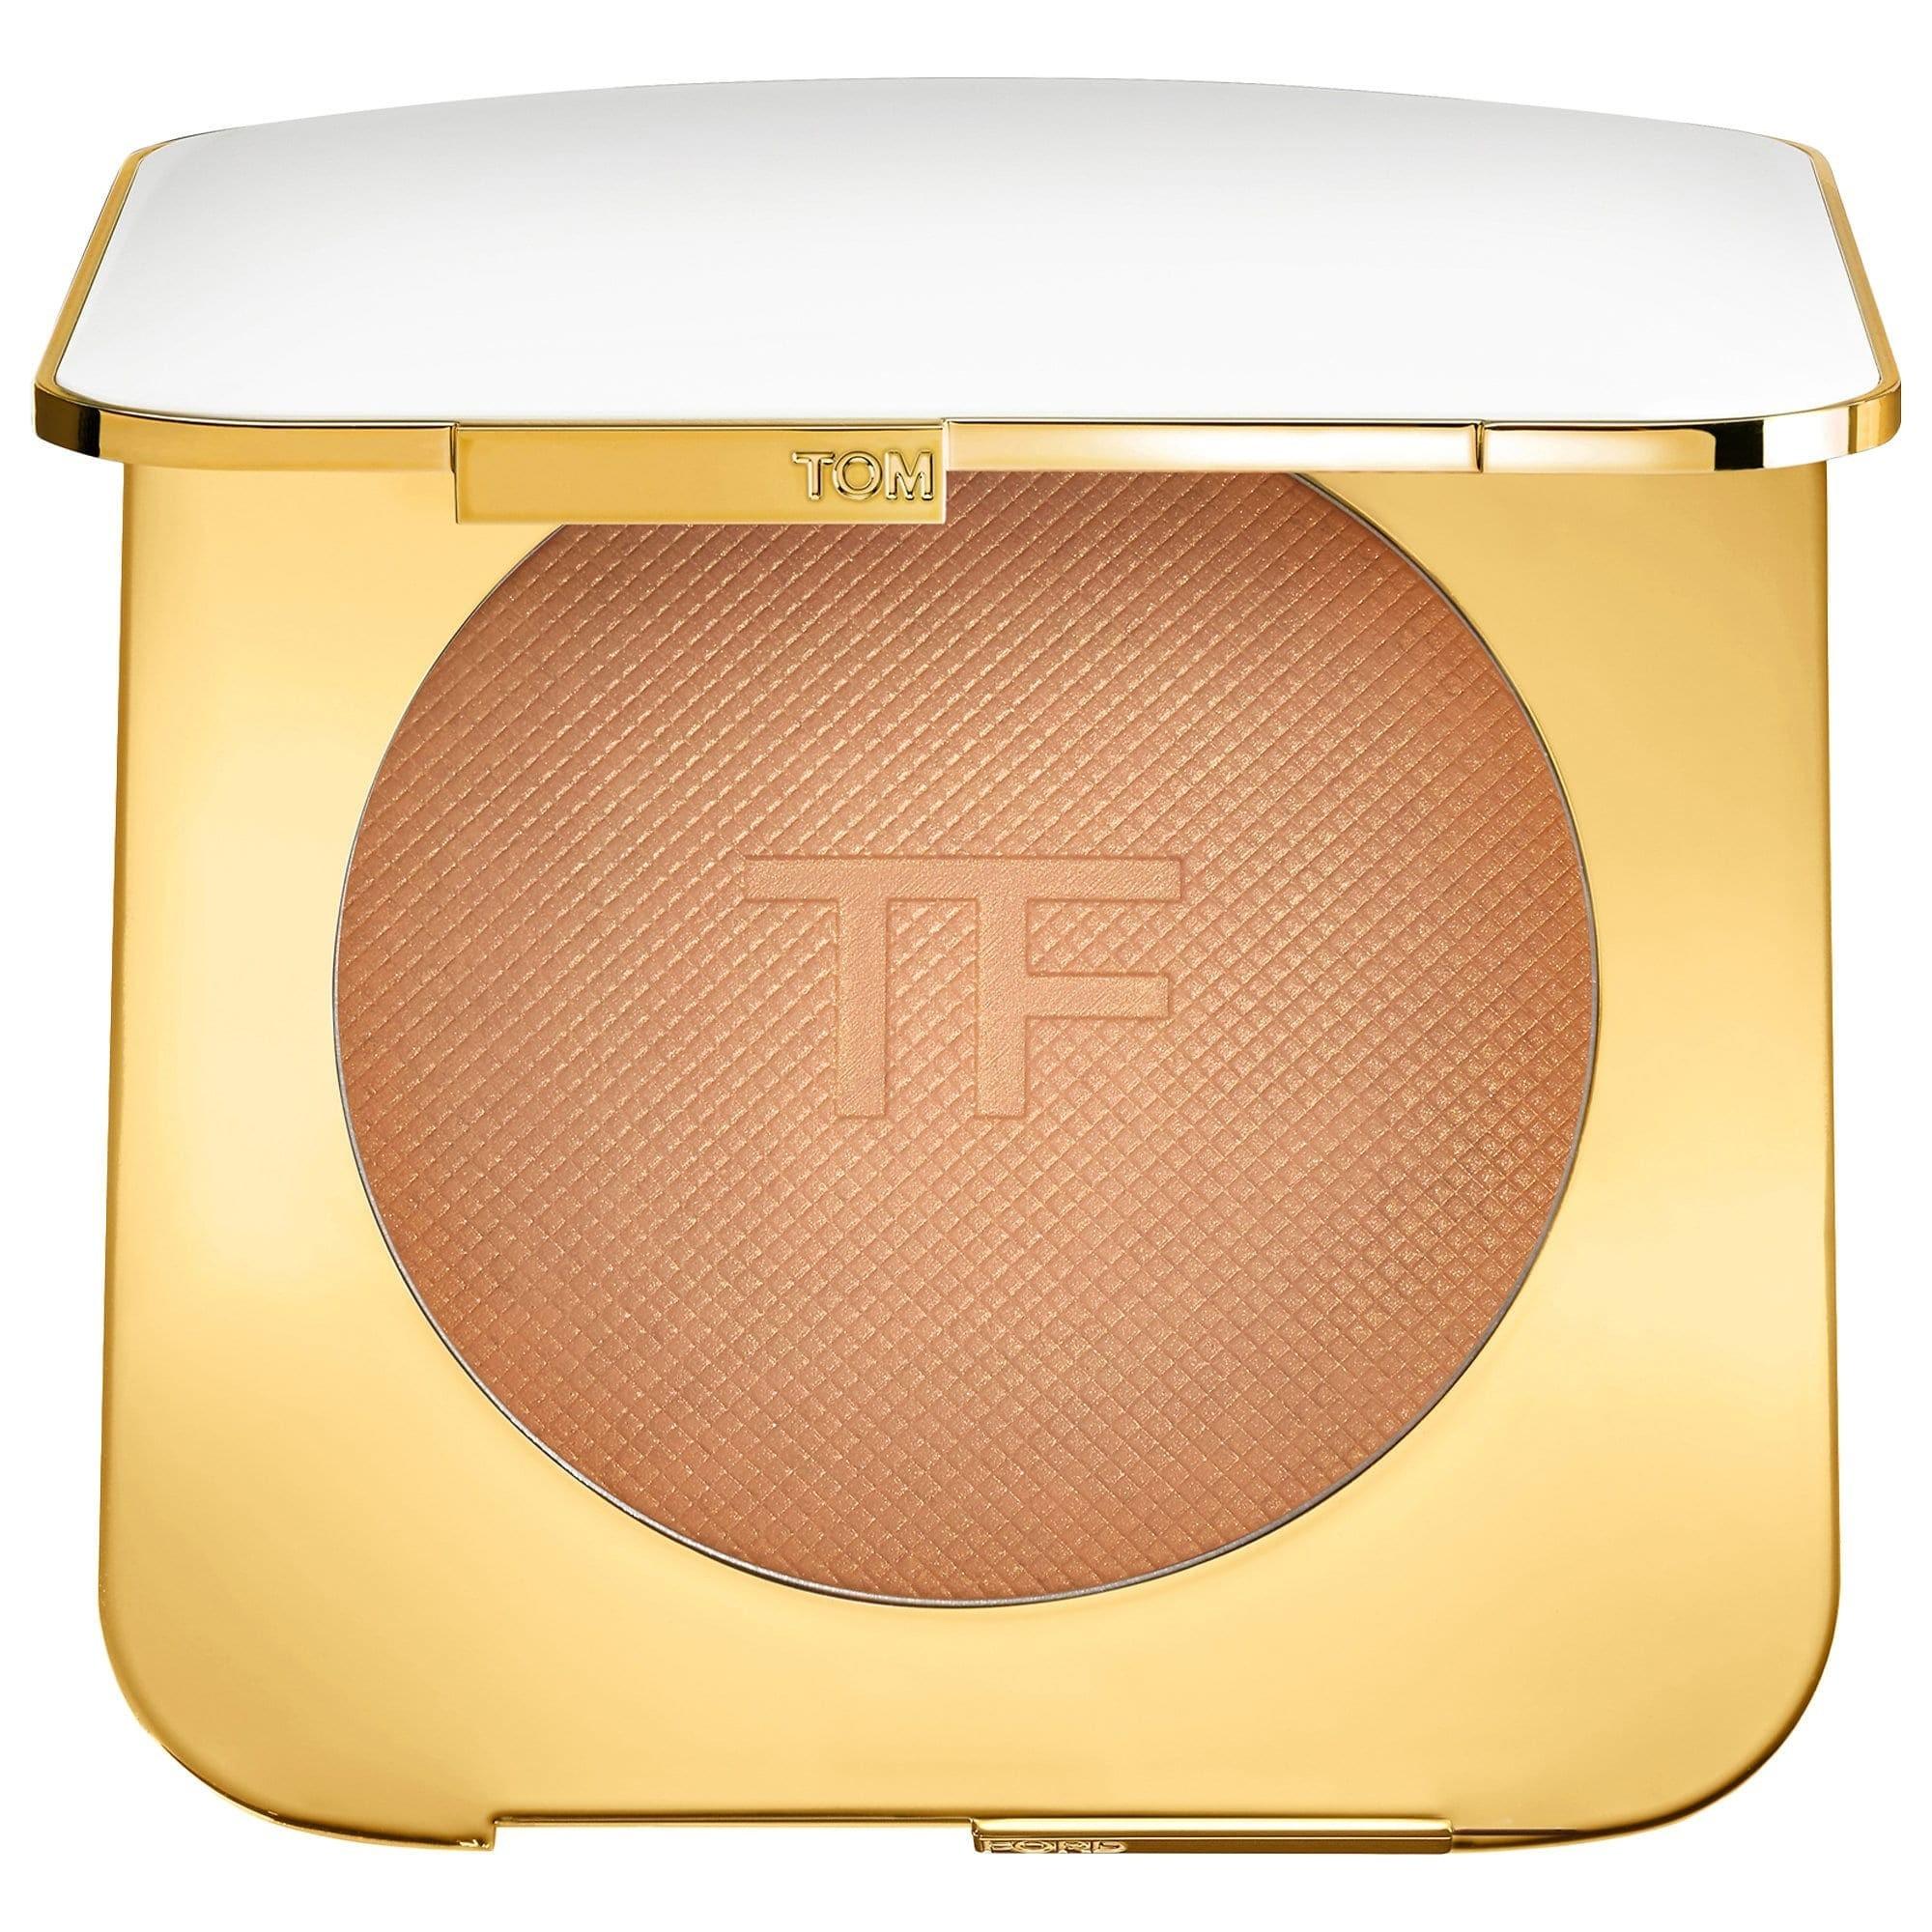 Tom Ford Soleil Glow Bronzer Gold Dust